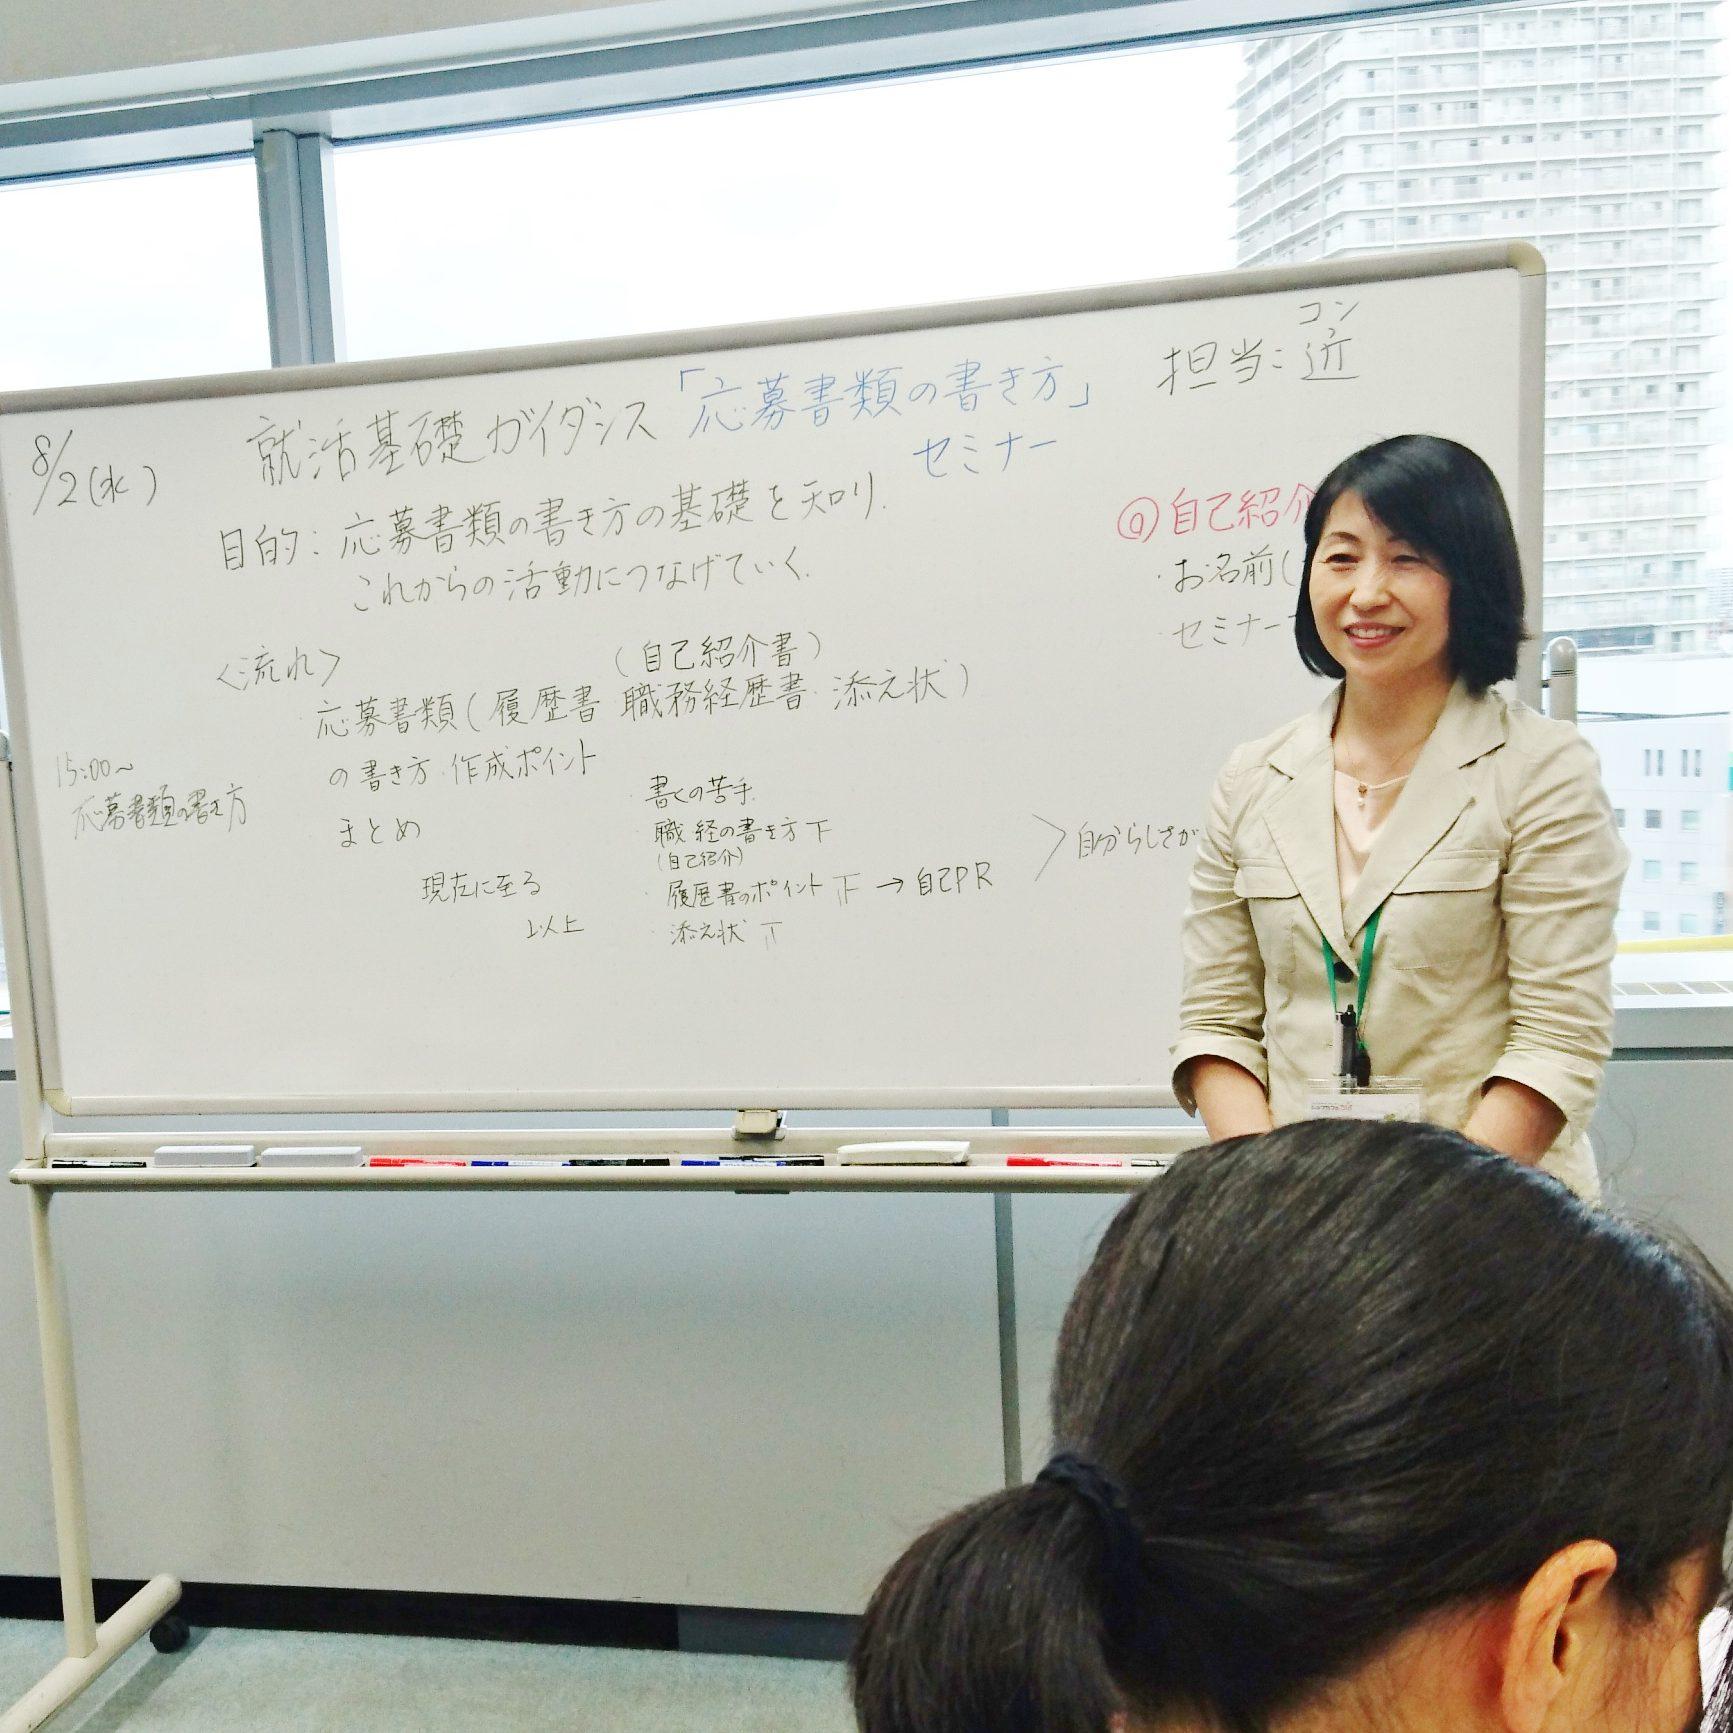 就活基礎ガイダンス【活動の進め方セミナー】1時間